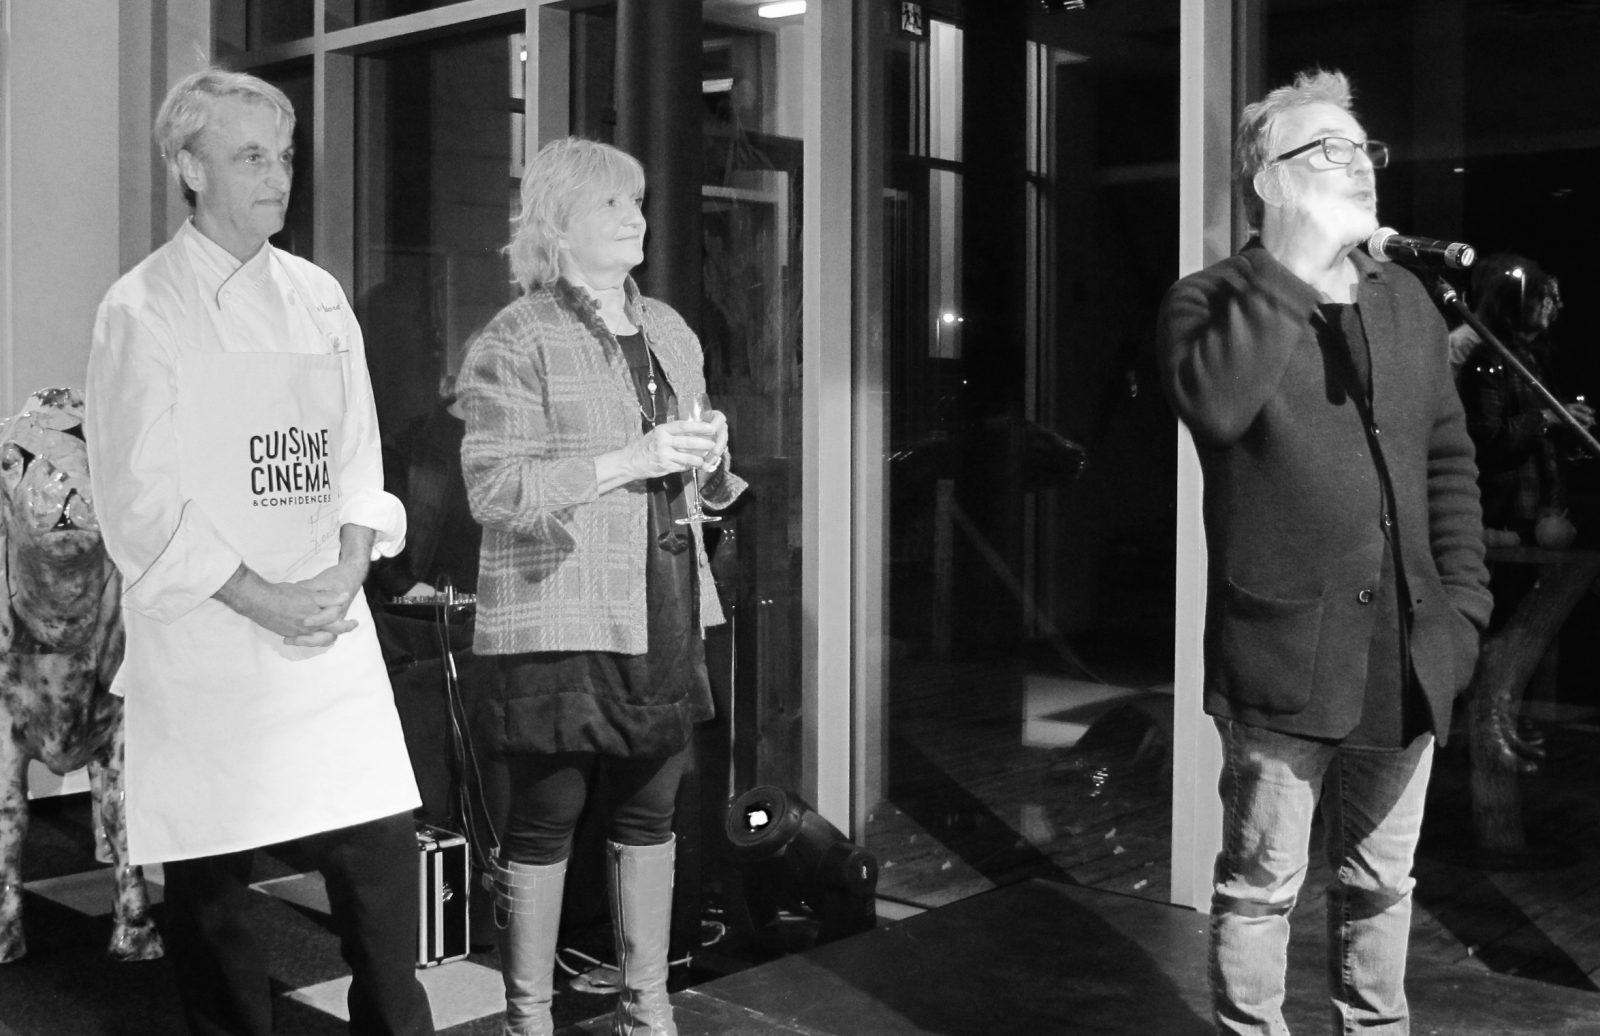 1ère édition du Festival Cuisine, Cinéma et Confidences: bilan délicieux et perspectives alléchantes